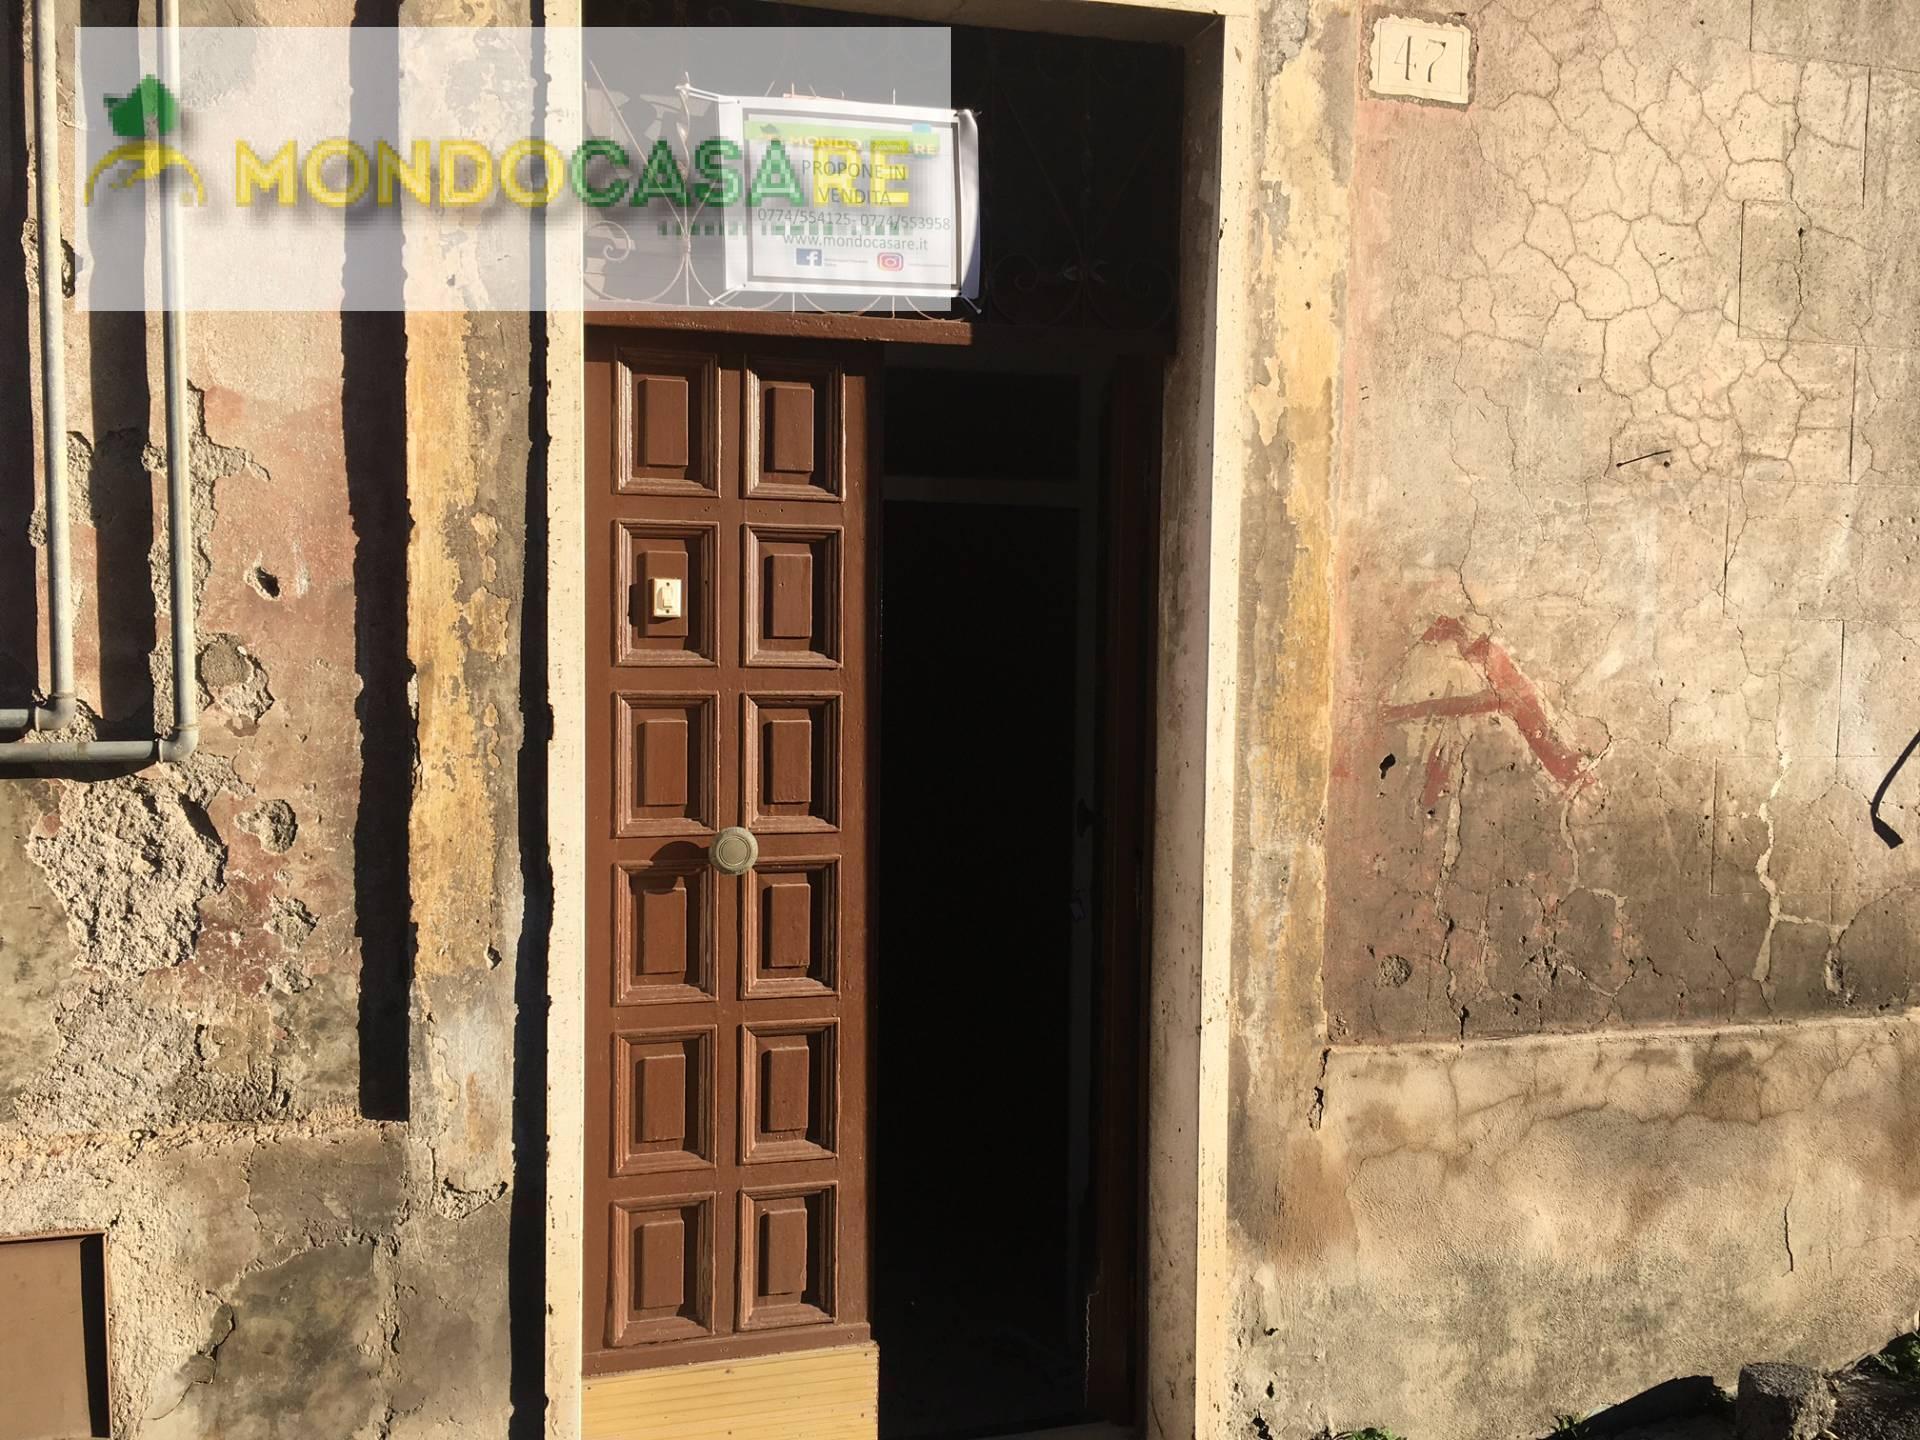 Appartamento in vendita a Palombara Sabina, 3 locali, zona Località: ZonaAPalombaraSabina, prezzo € 65.000 | CambioCasa.it